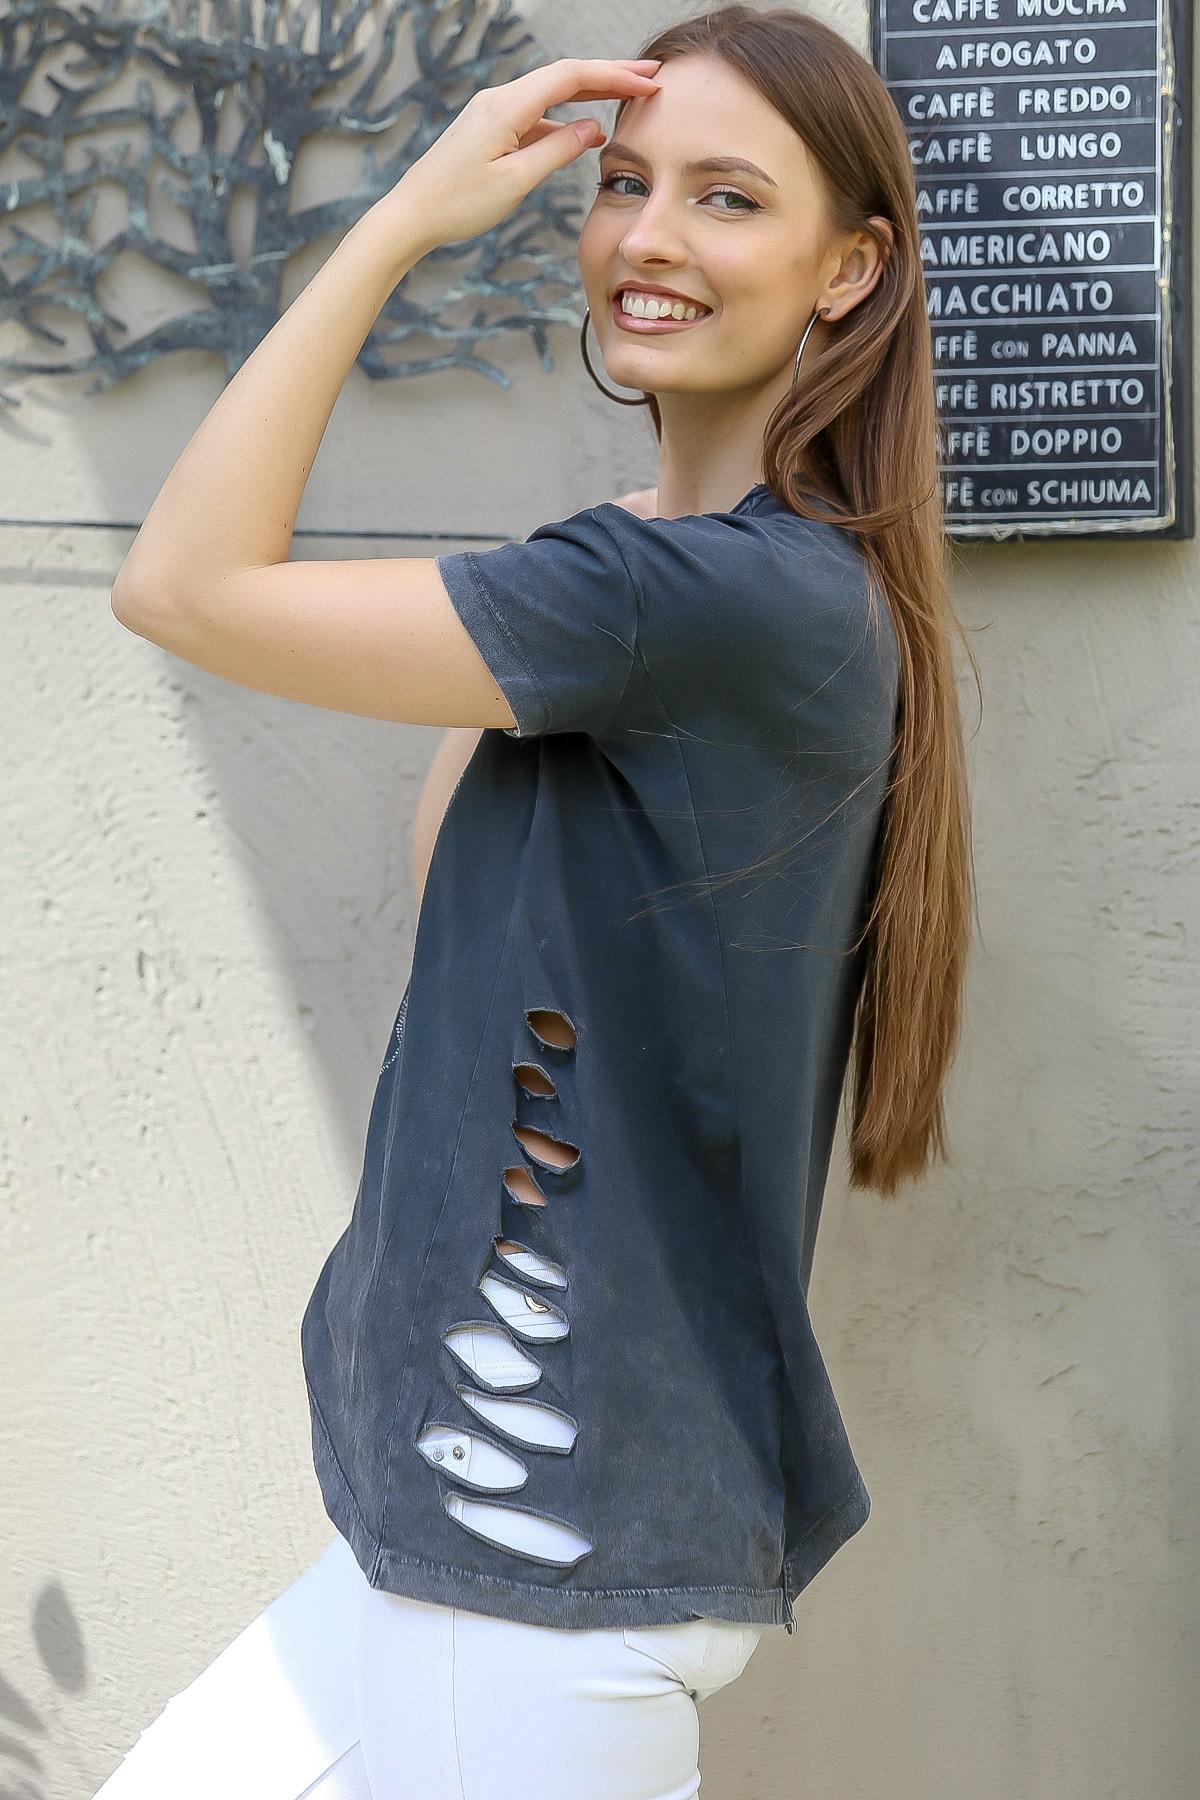 Chiccy Kadın Antrasit Love Kalp Baskılı Lazer Kesimli Asimetrik Yıkamalı T-Shirt M10010300TS98245 3